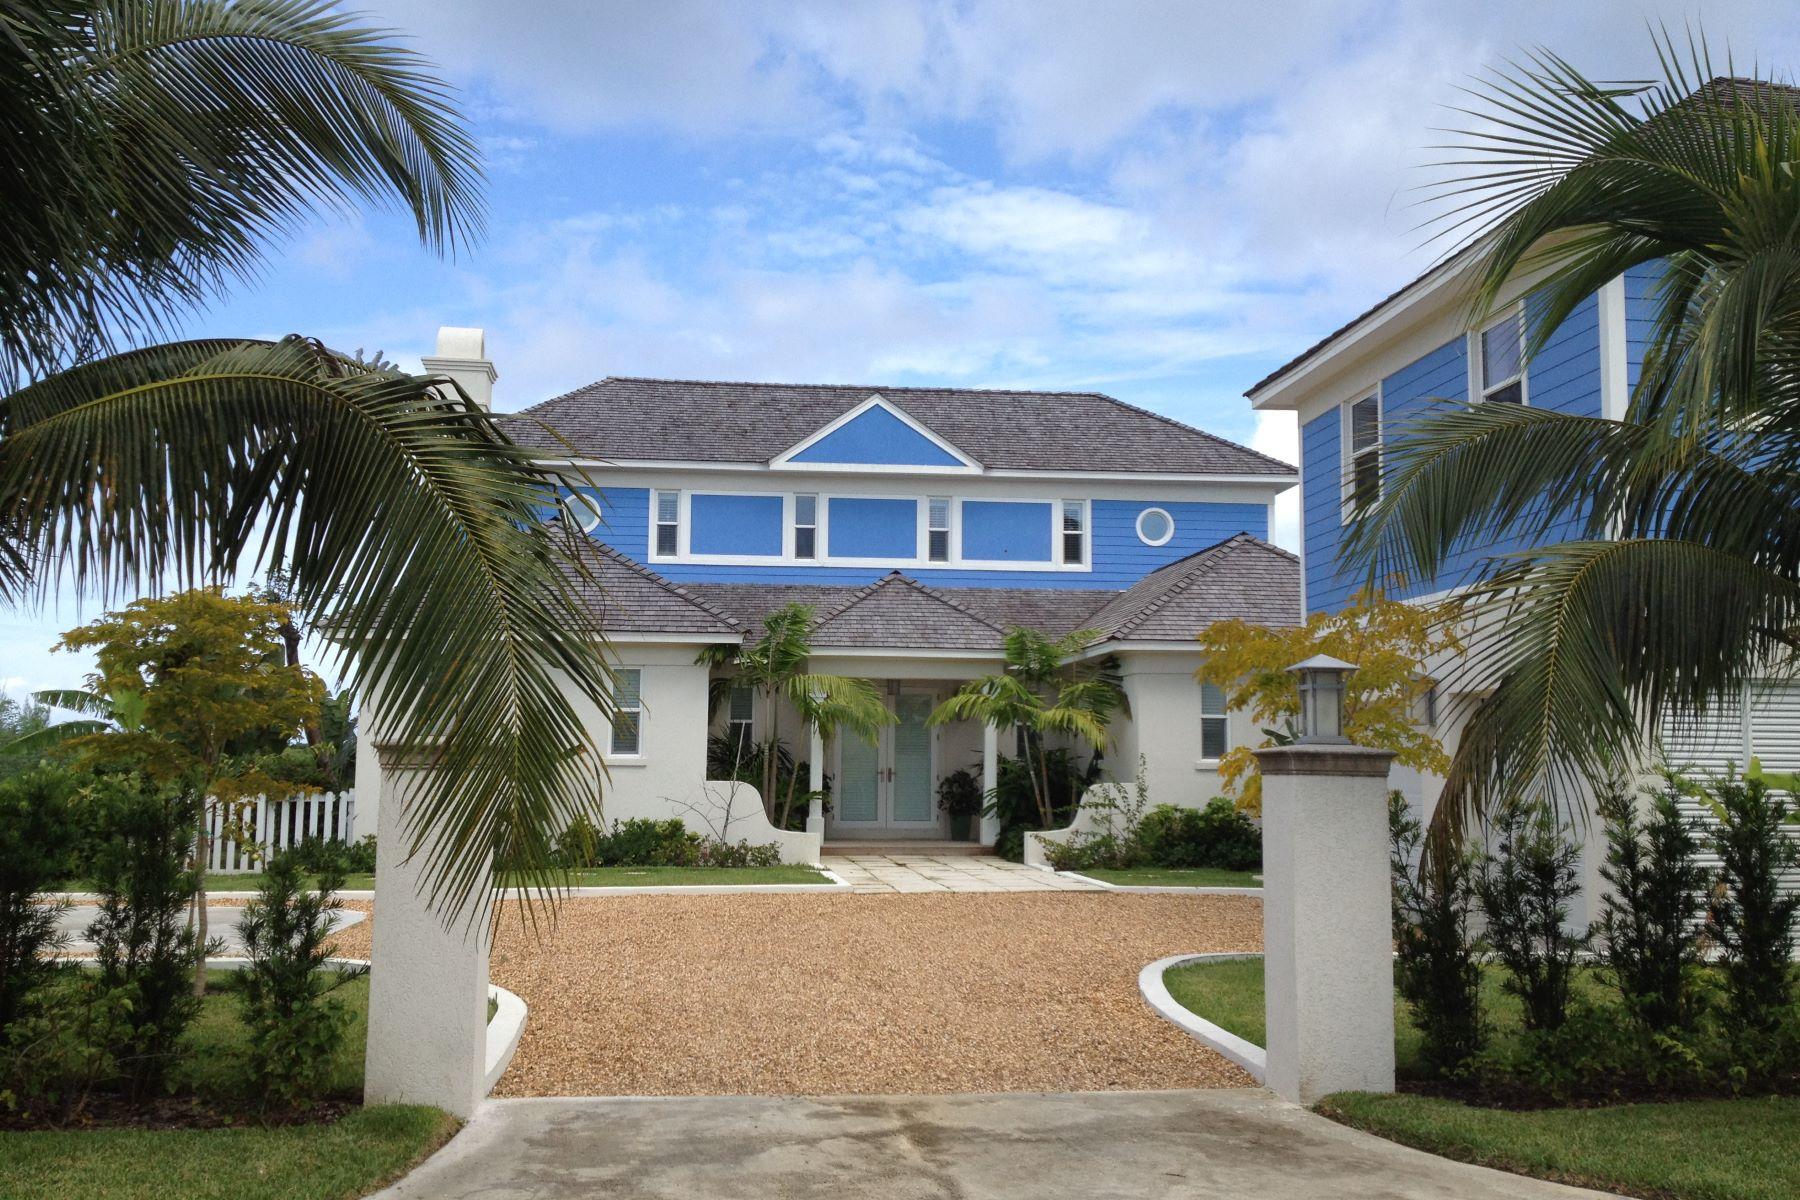 独户住宅 为 销售 在 Old Fort Bay on Charleston Island 旧福特湾, 新普罗维登斯/拿骚 巴哈马